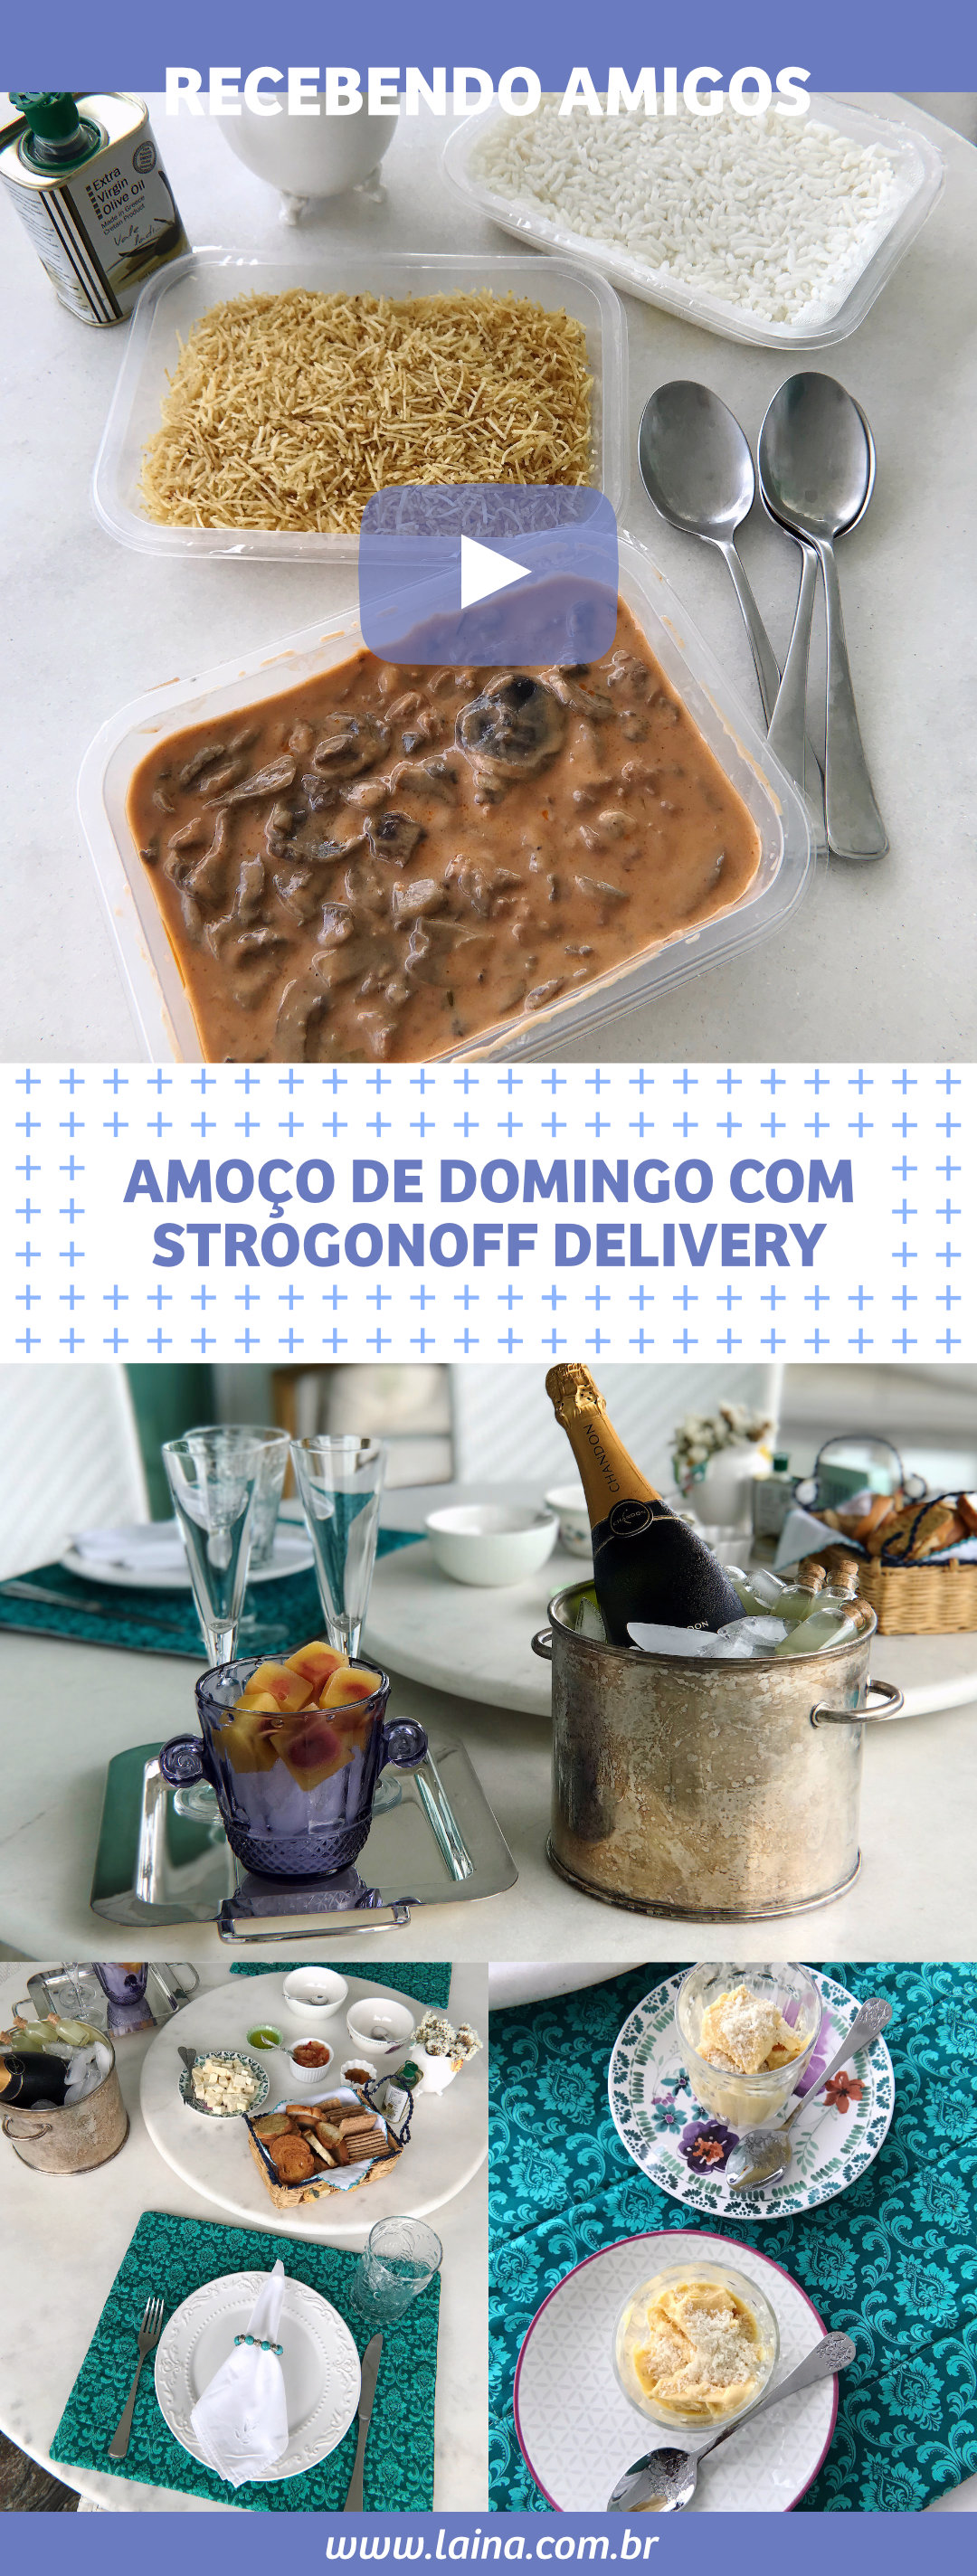 Recebendo Amigos: Conheça o Bistrogonoff Delivery de Strogonoff em BH